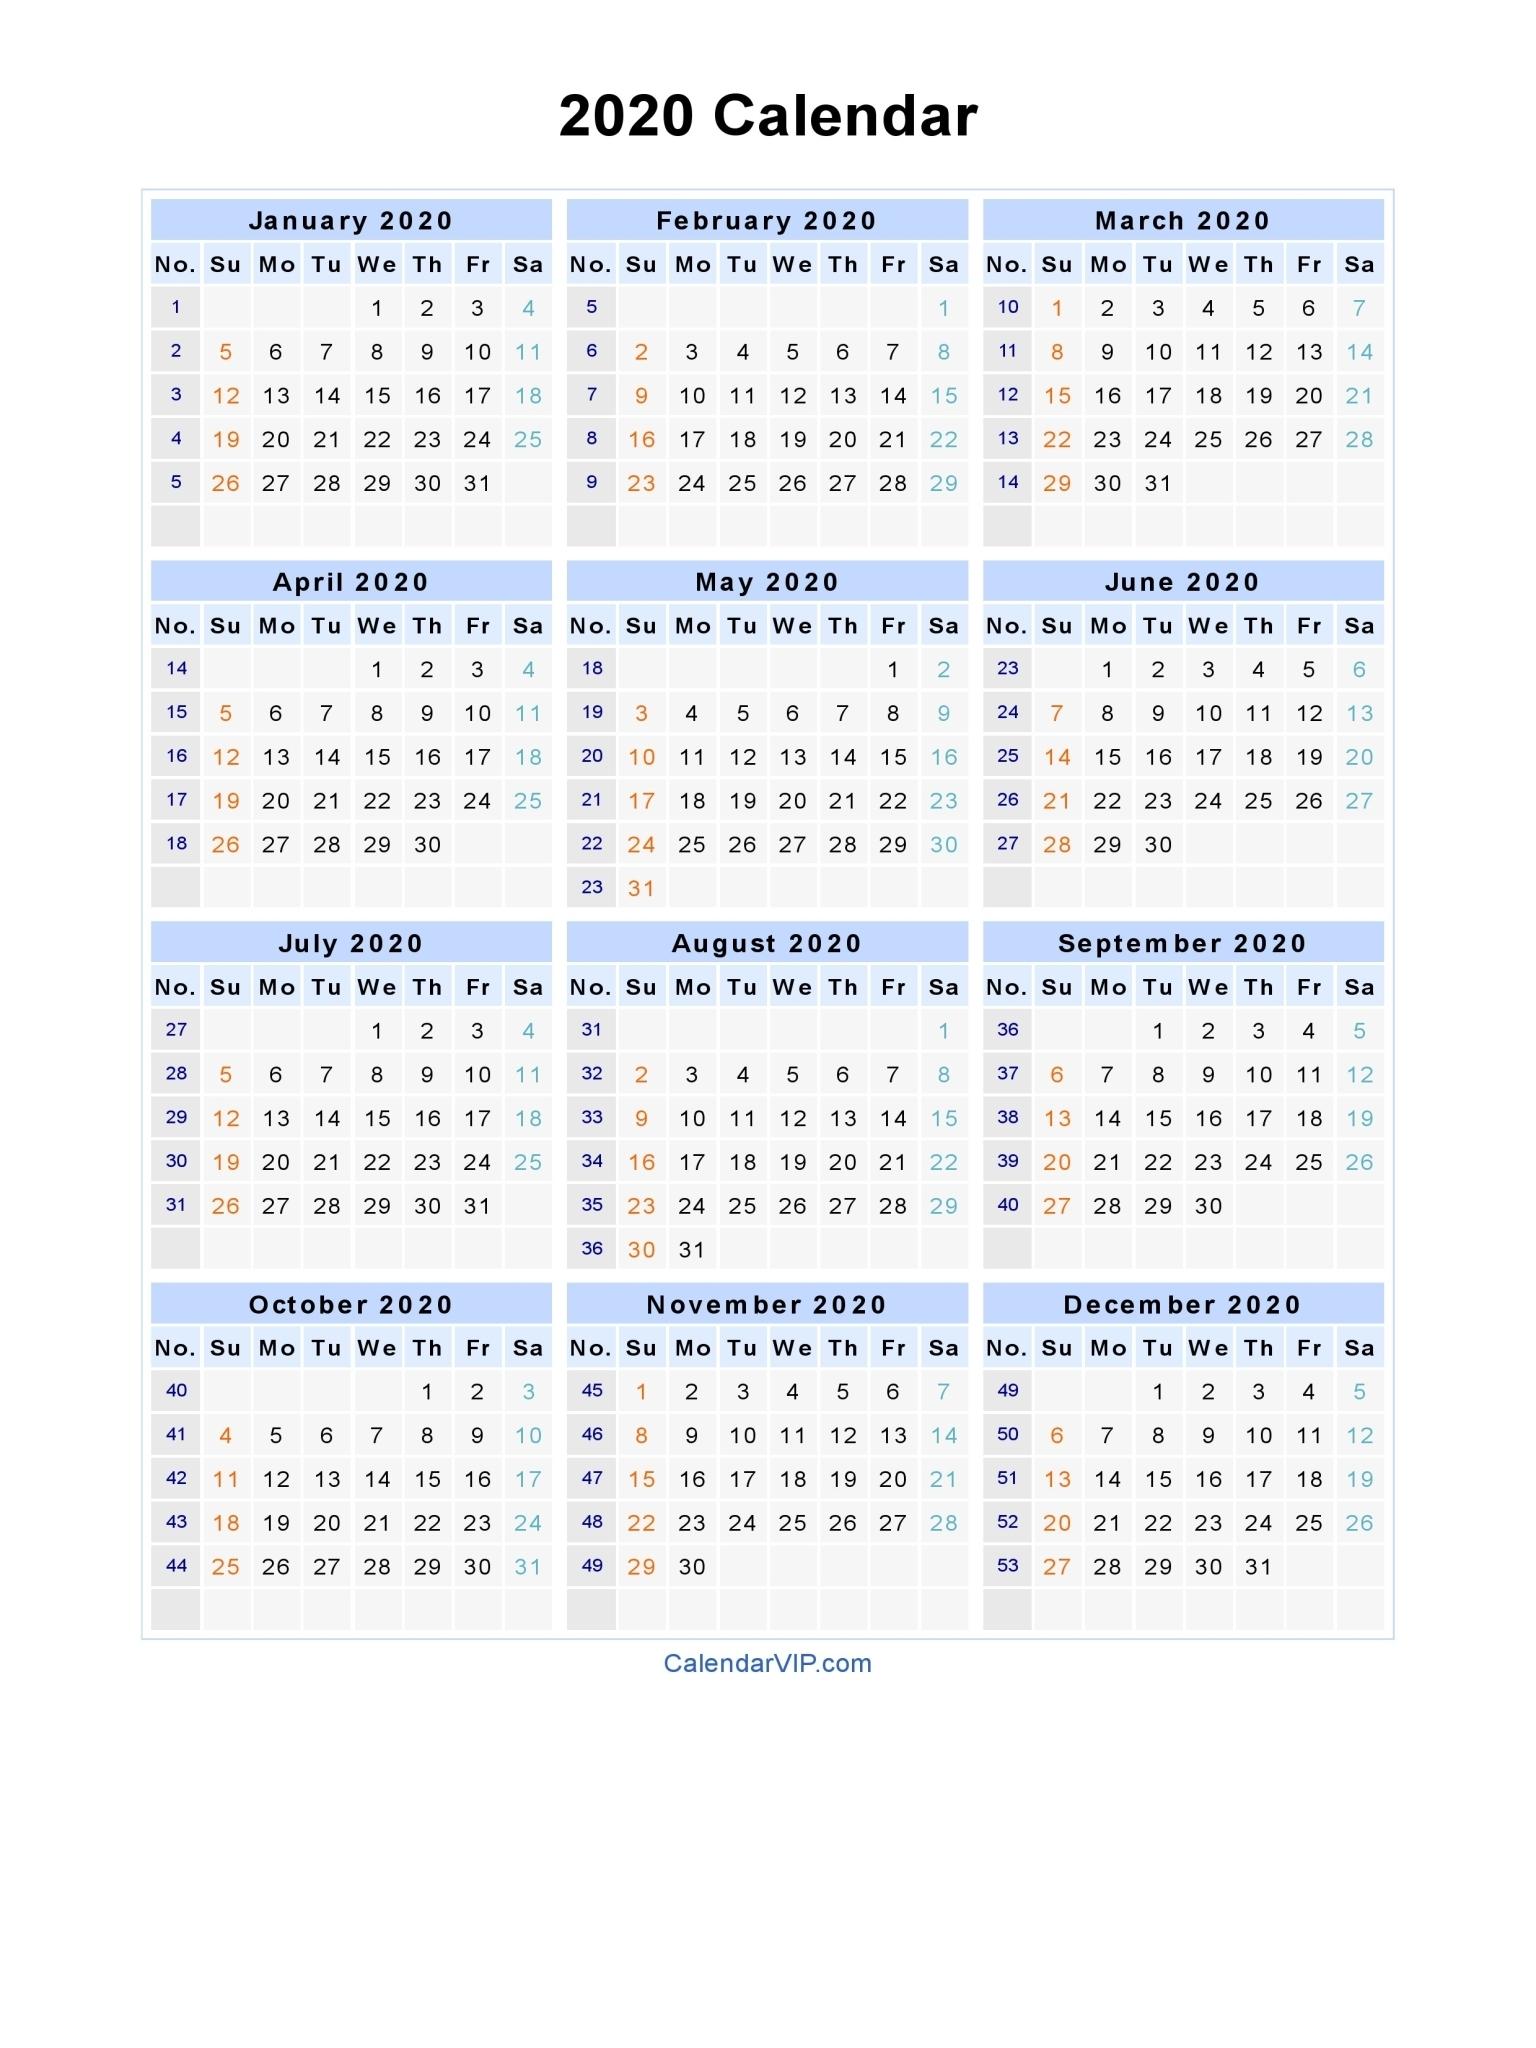 2020 Calendar - Blank Printable Calendar Template In Pdf Word Excel with 2020 Calendar With Week Numbers In Excel